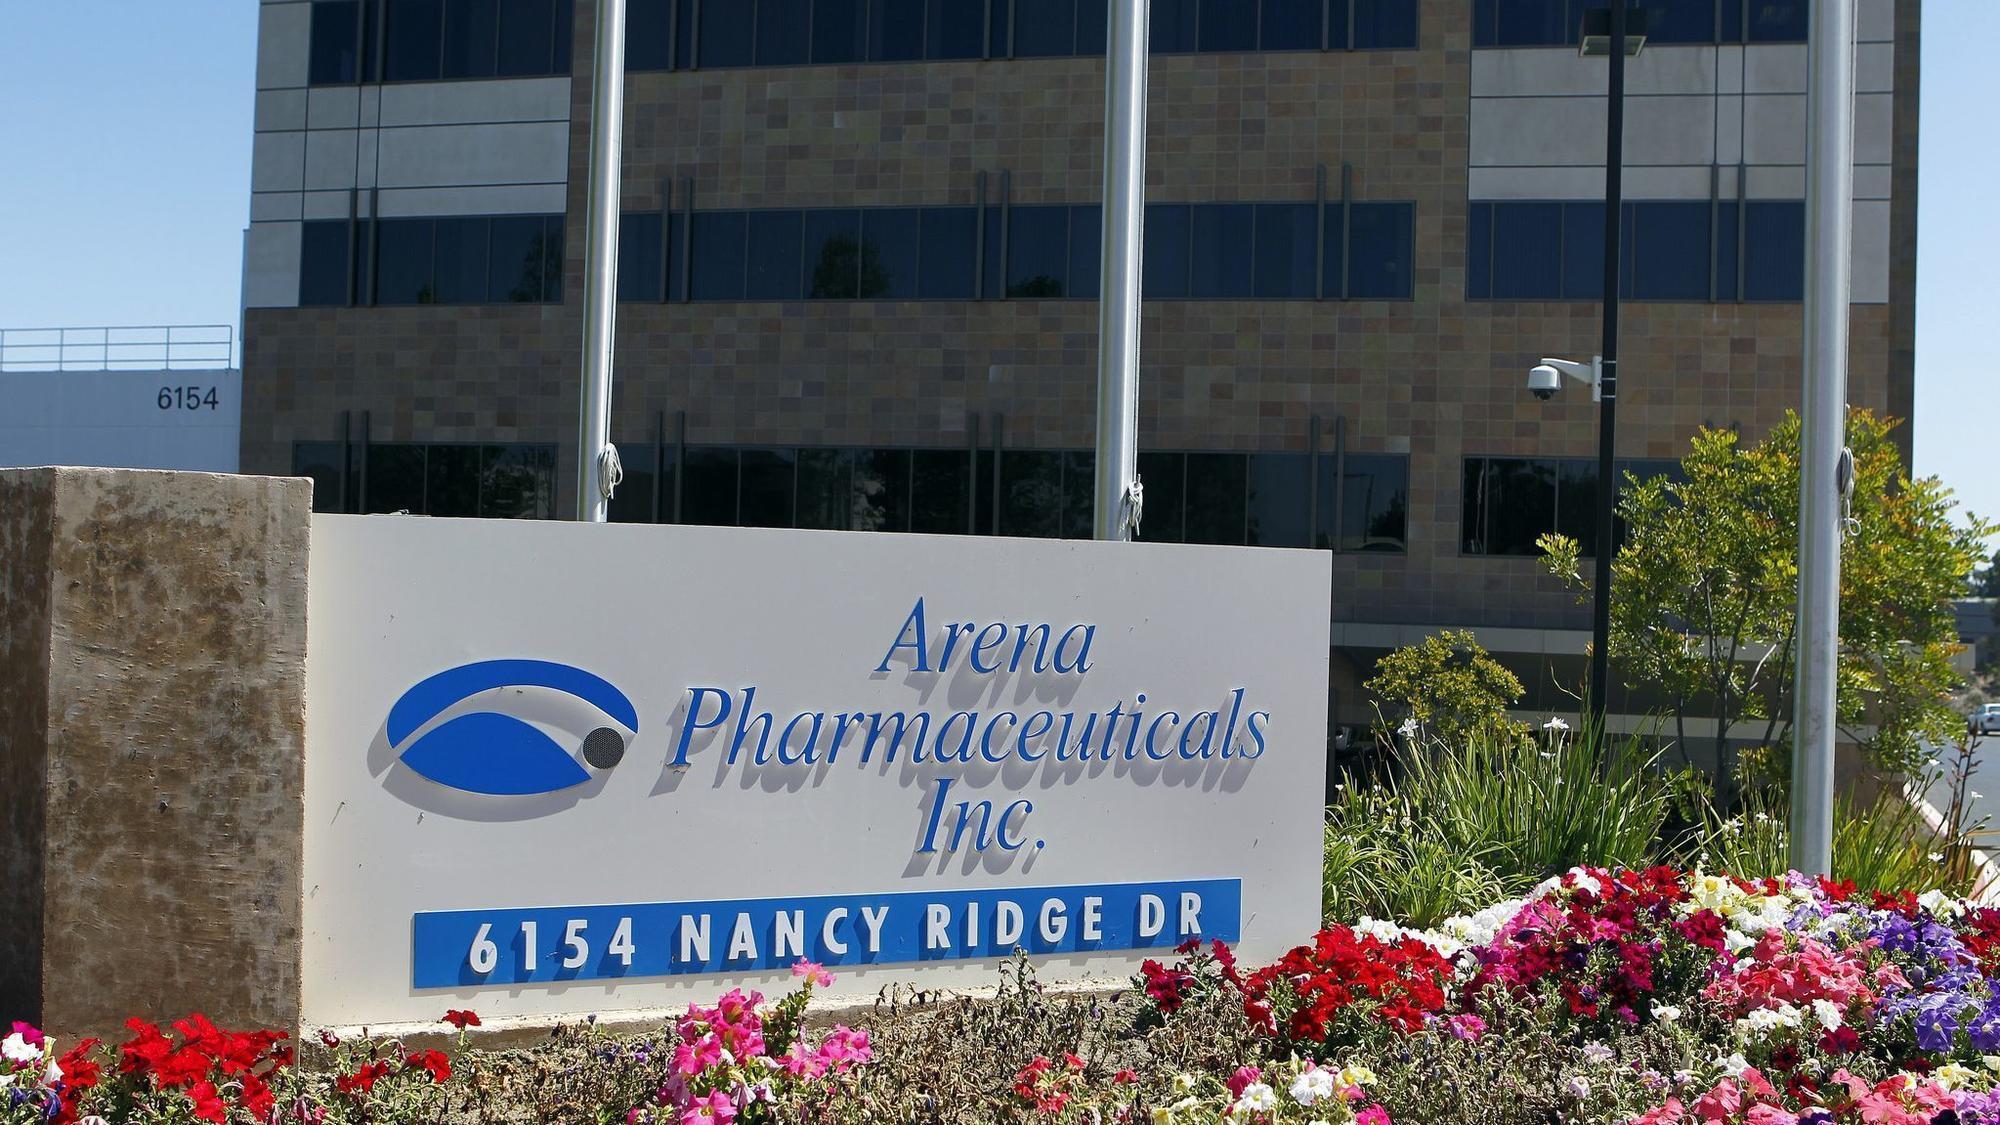 Arena Pharmaceuticals Picture